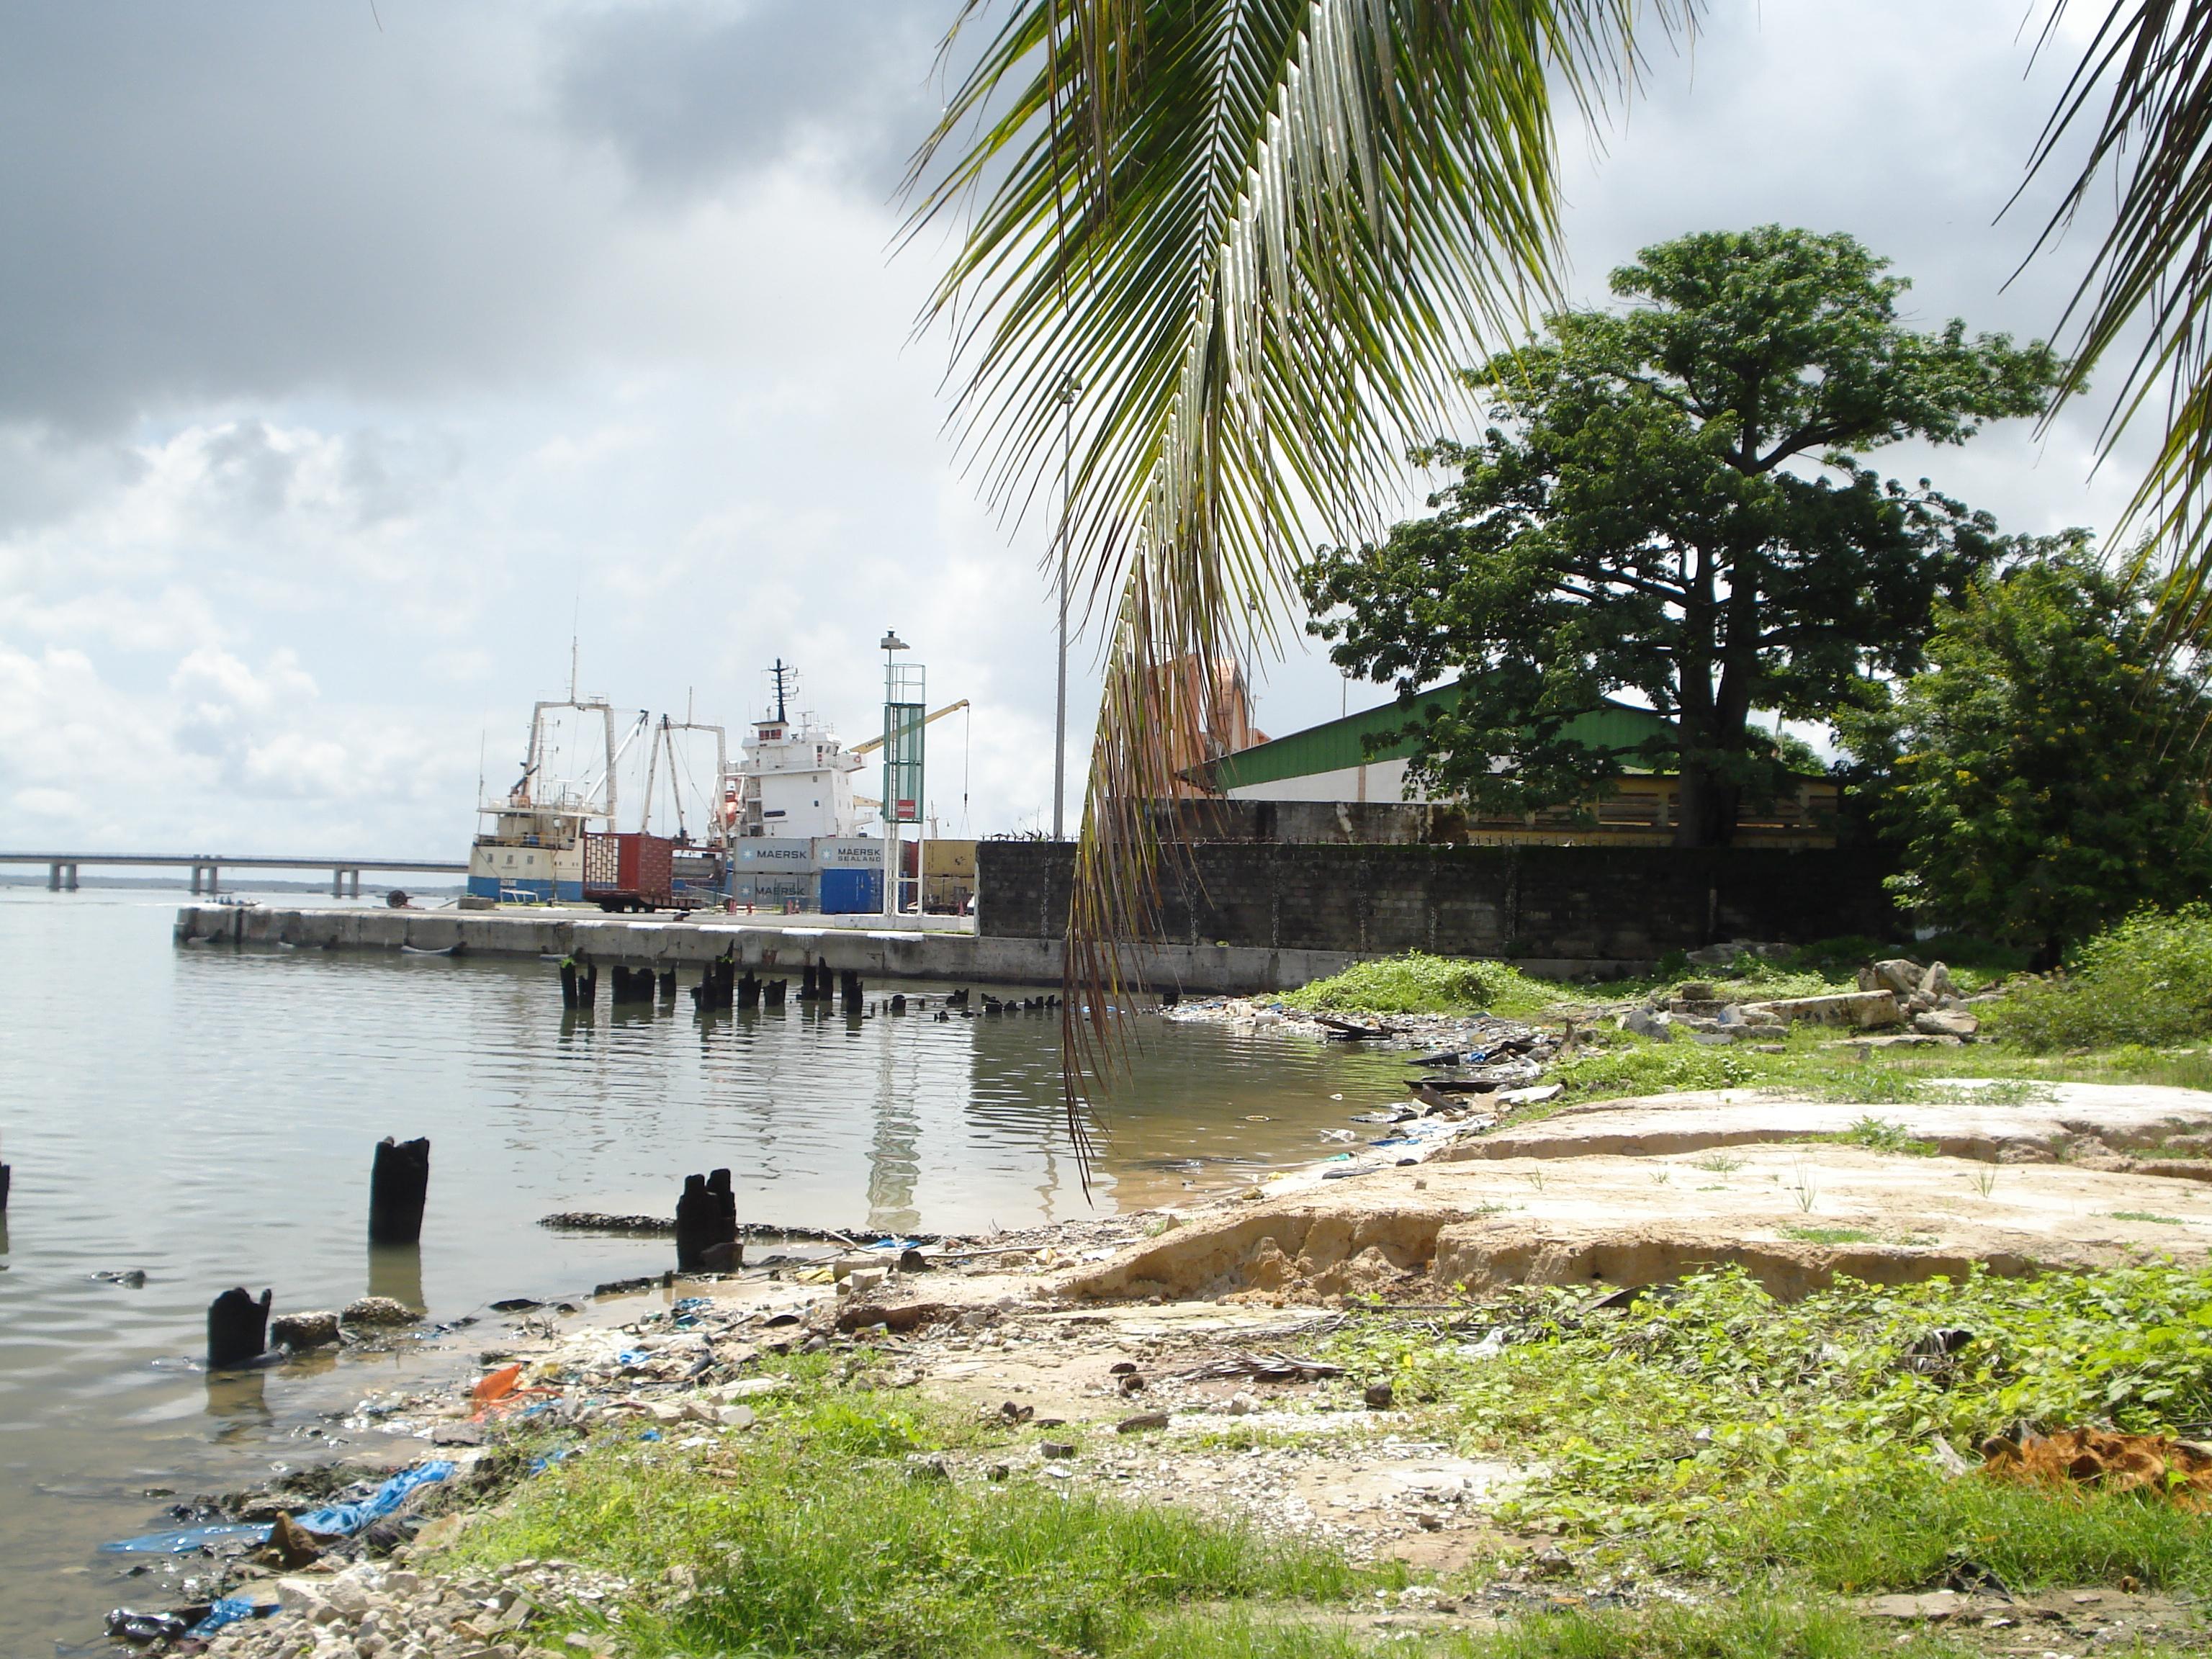 Les abords du port de Ziguinchor